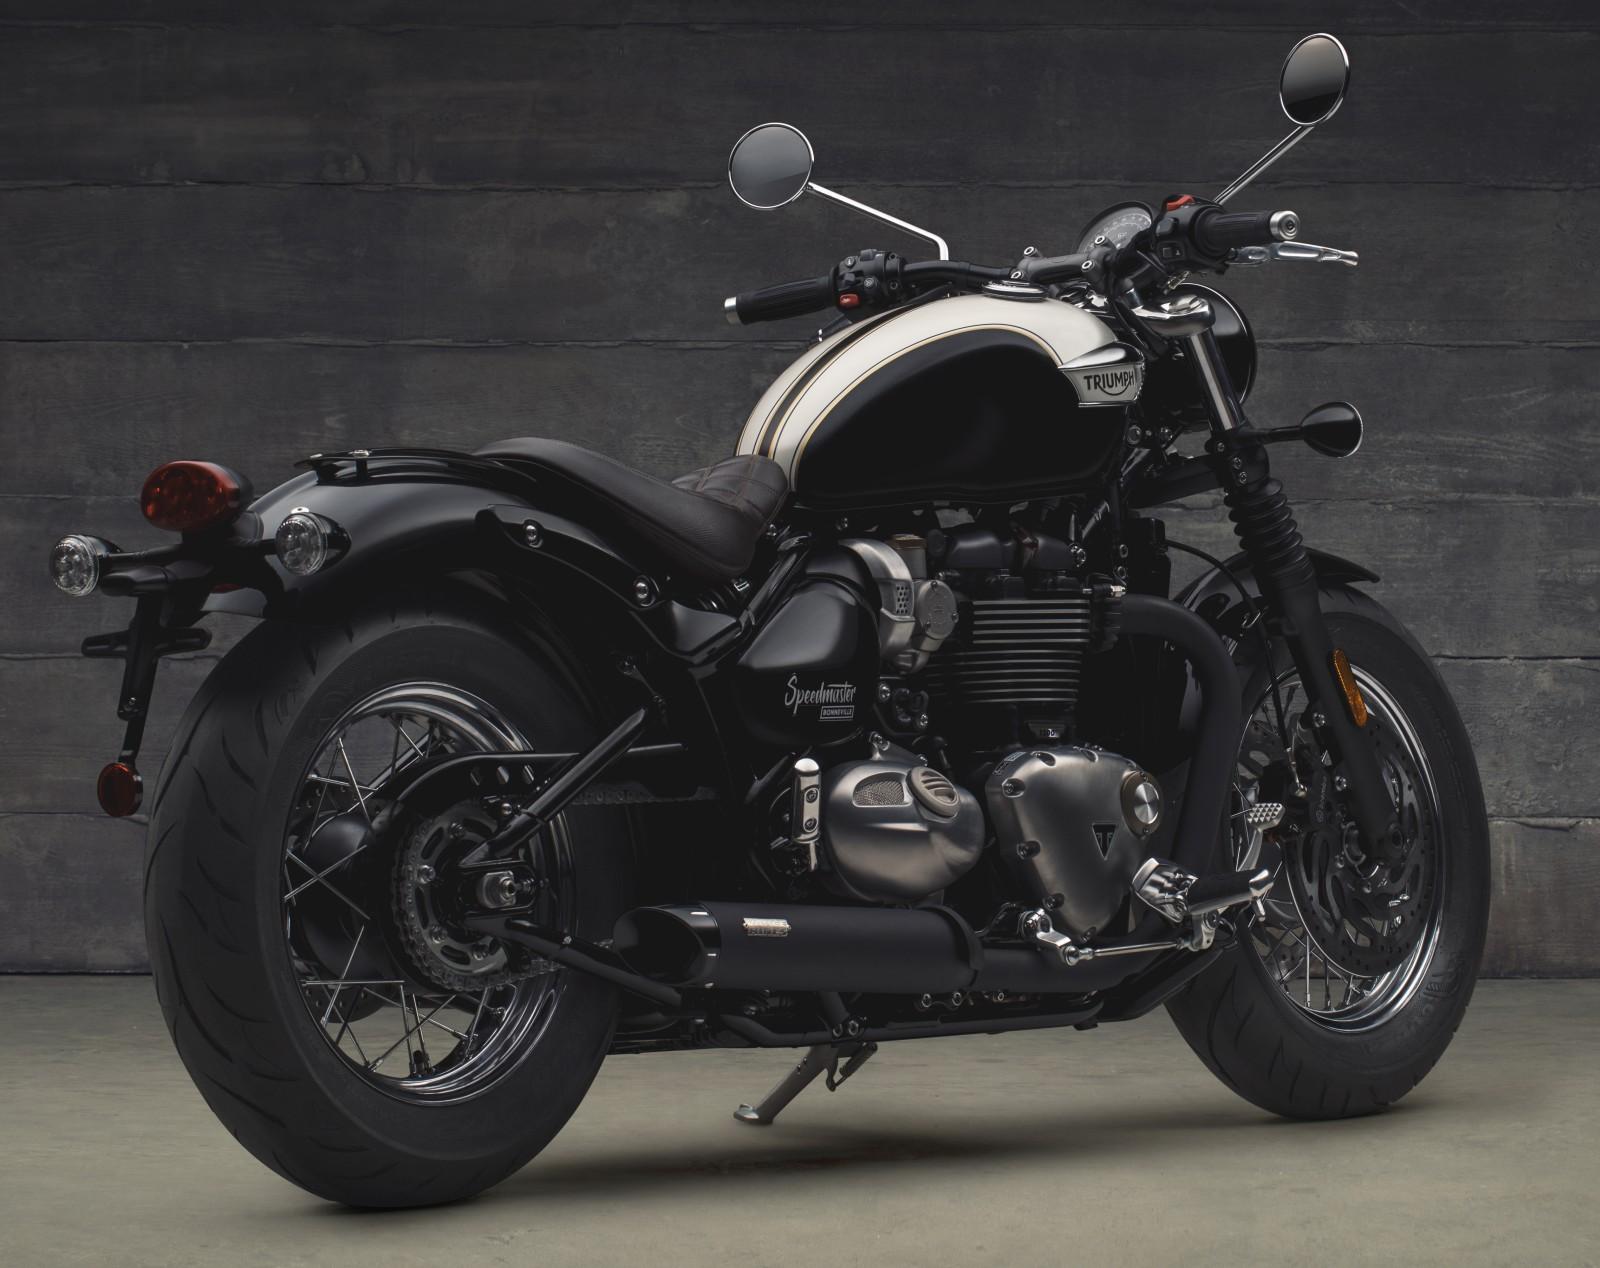 triumph bonneville speedmaster india launch details announced motoroids. Black Bedroom Furniture Sets. Home Design Ideas